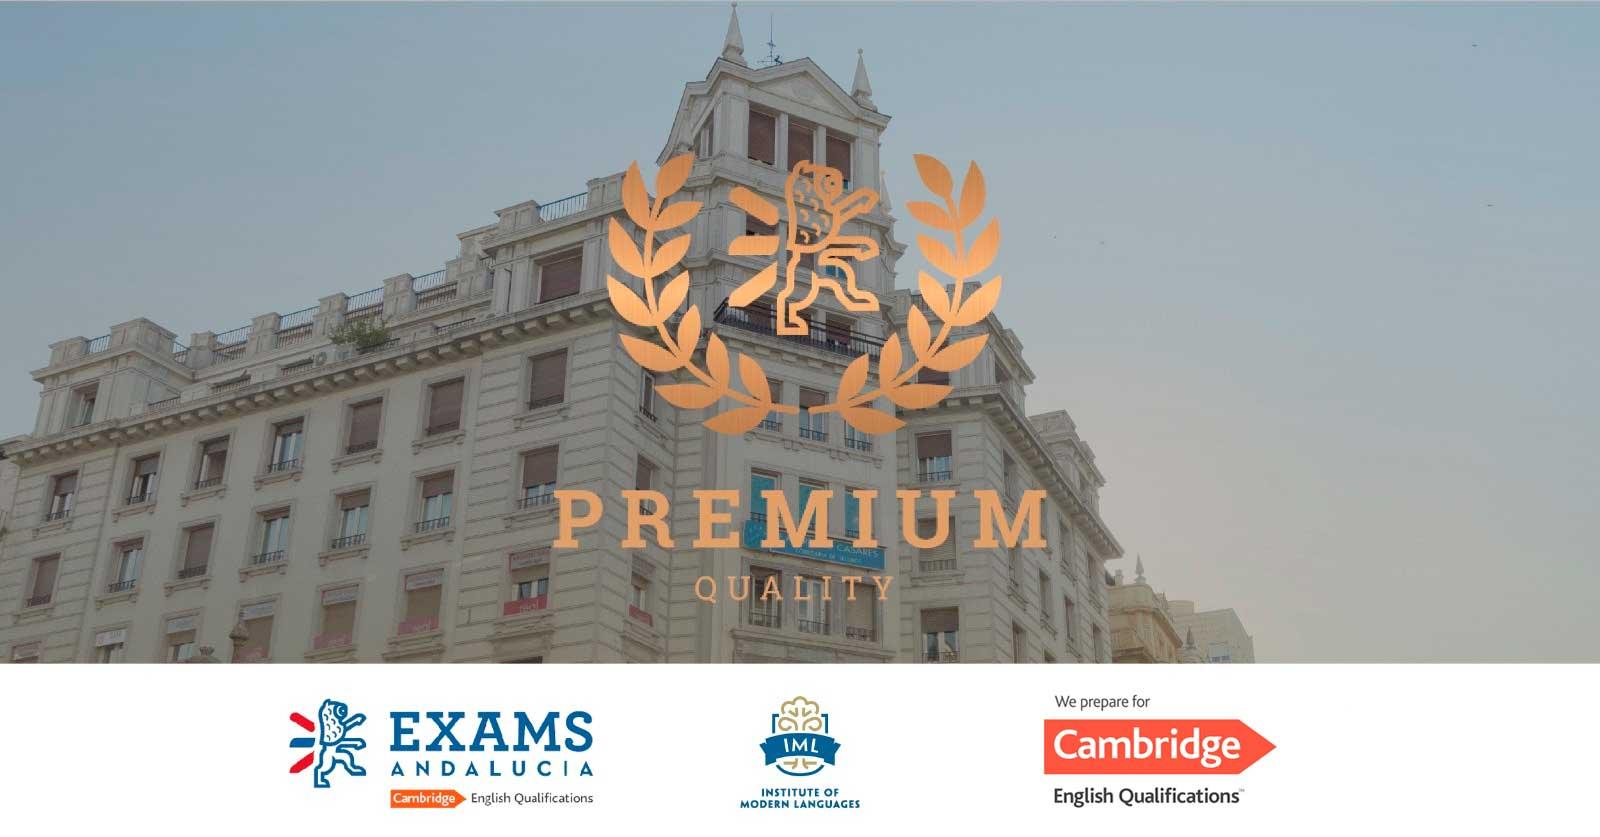 iml-centro-premium-cambridge